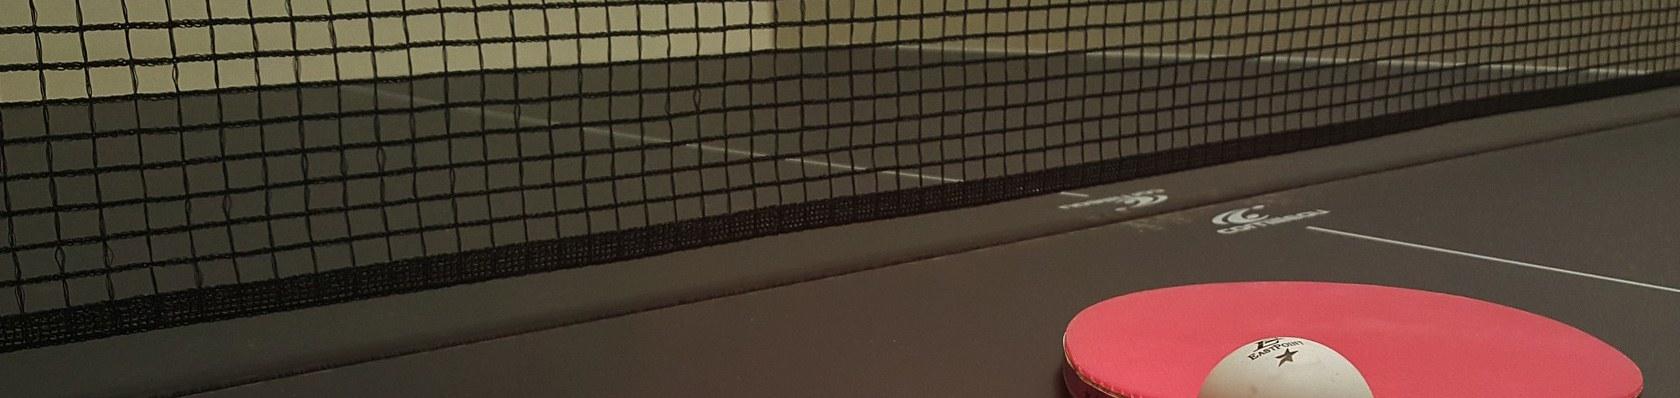 Tischtennisplatten im Test auf ExpertenTesten.de